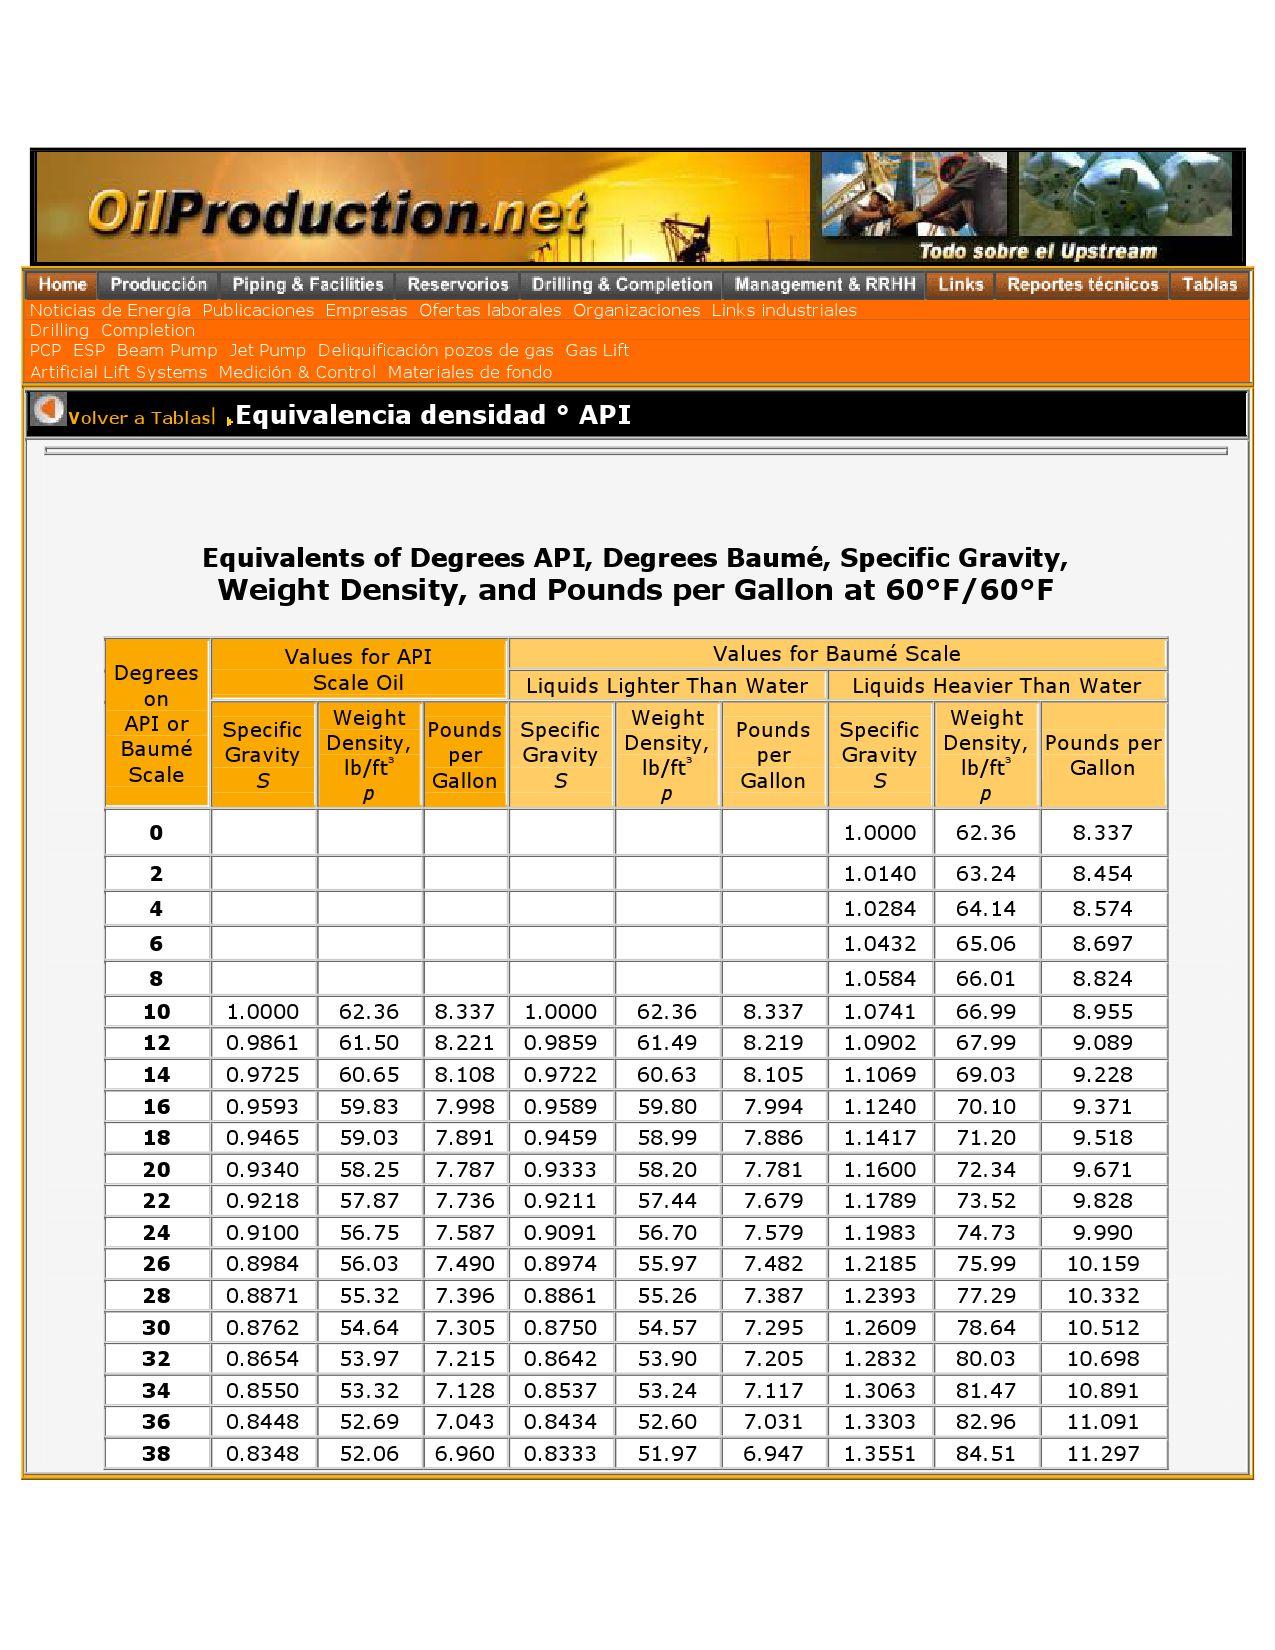 De kg a lb equivalencia